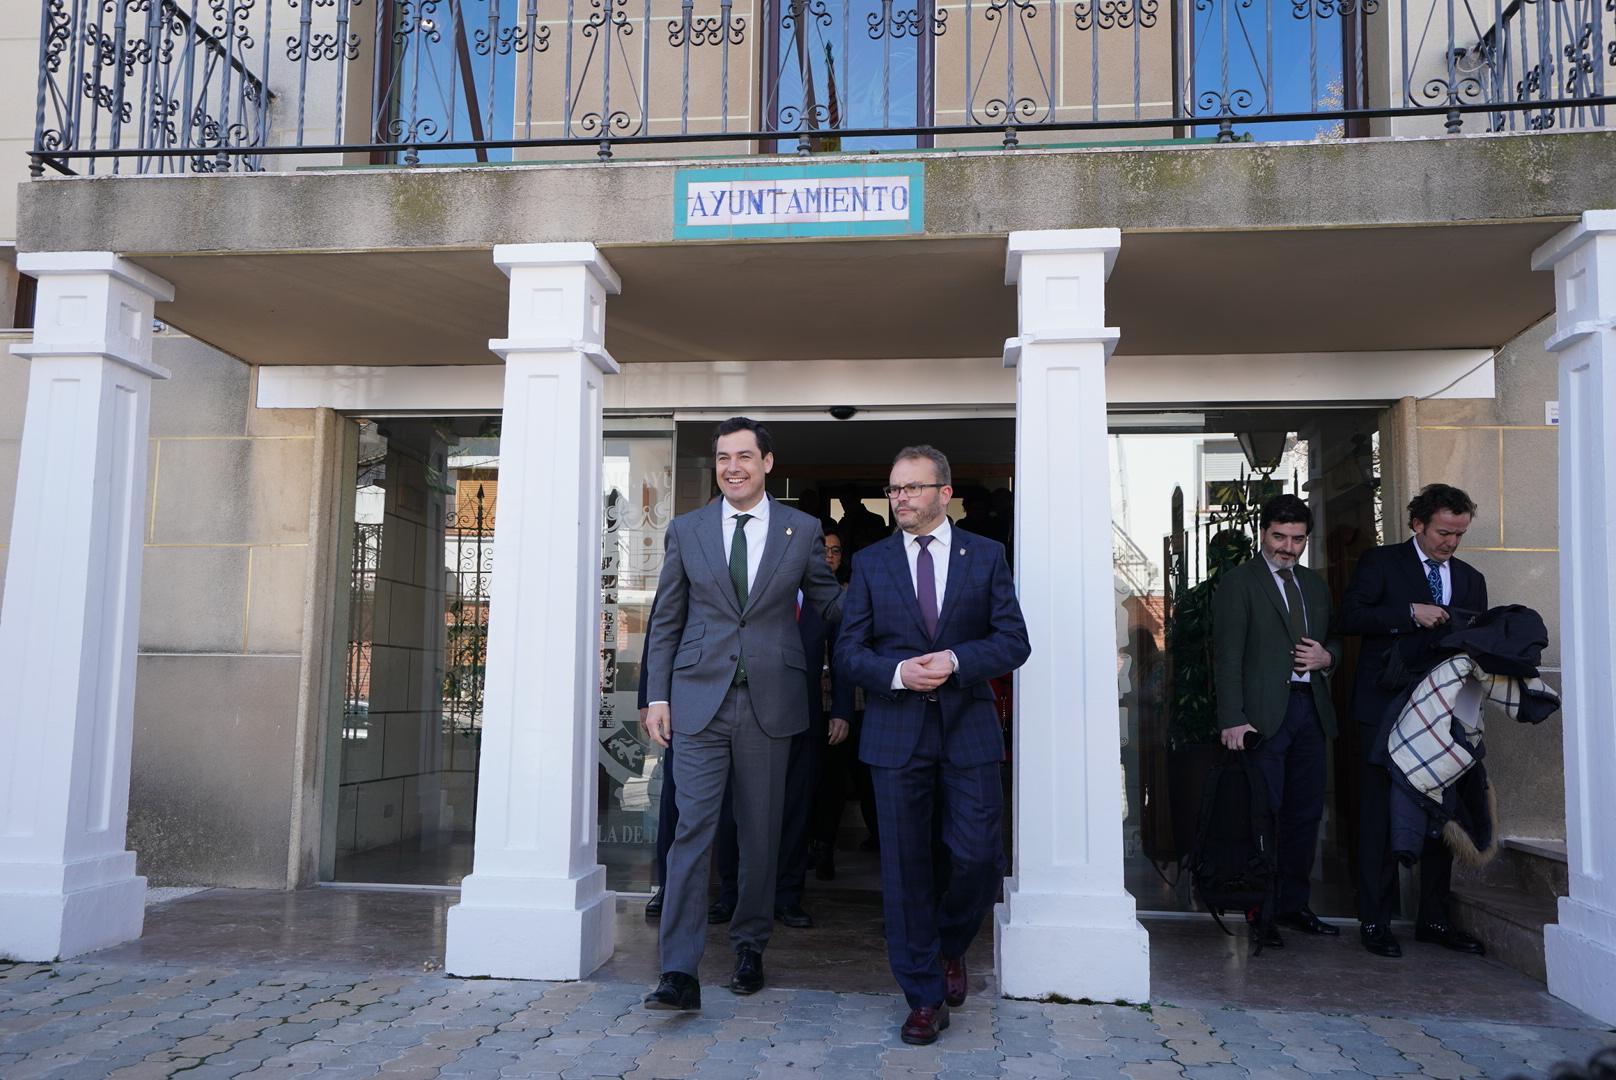 Juanma Moreno incide en su compromiso con la Andalucía en su visita a La Puebla de Don Fadrique